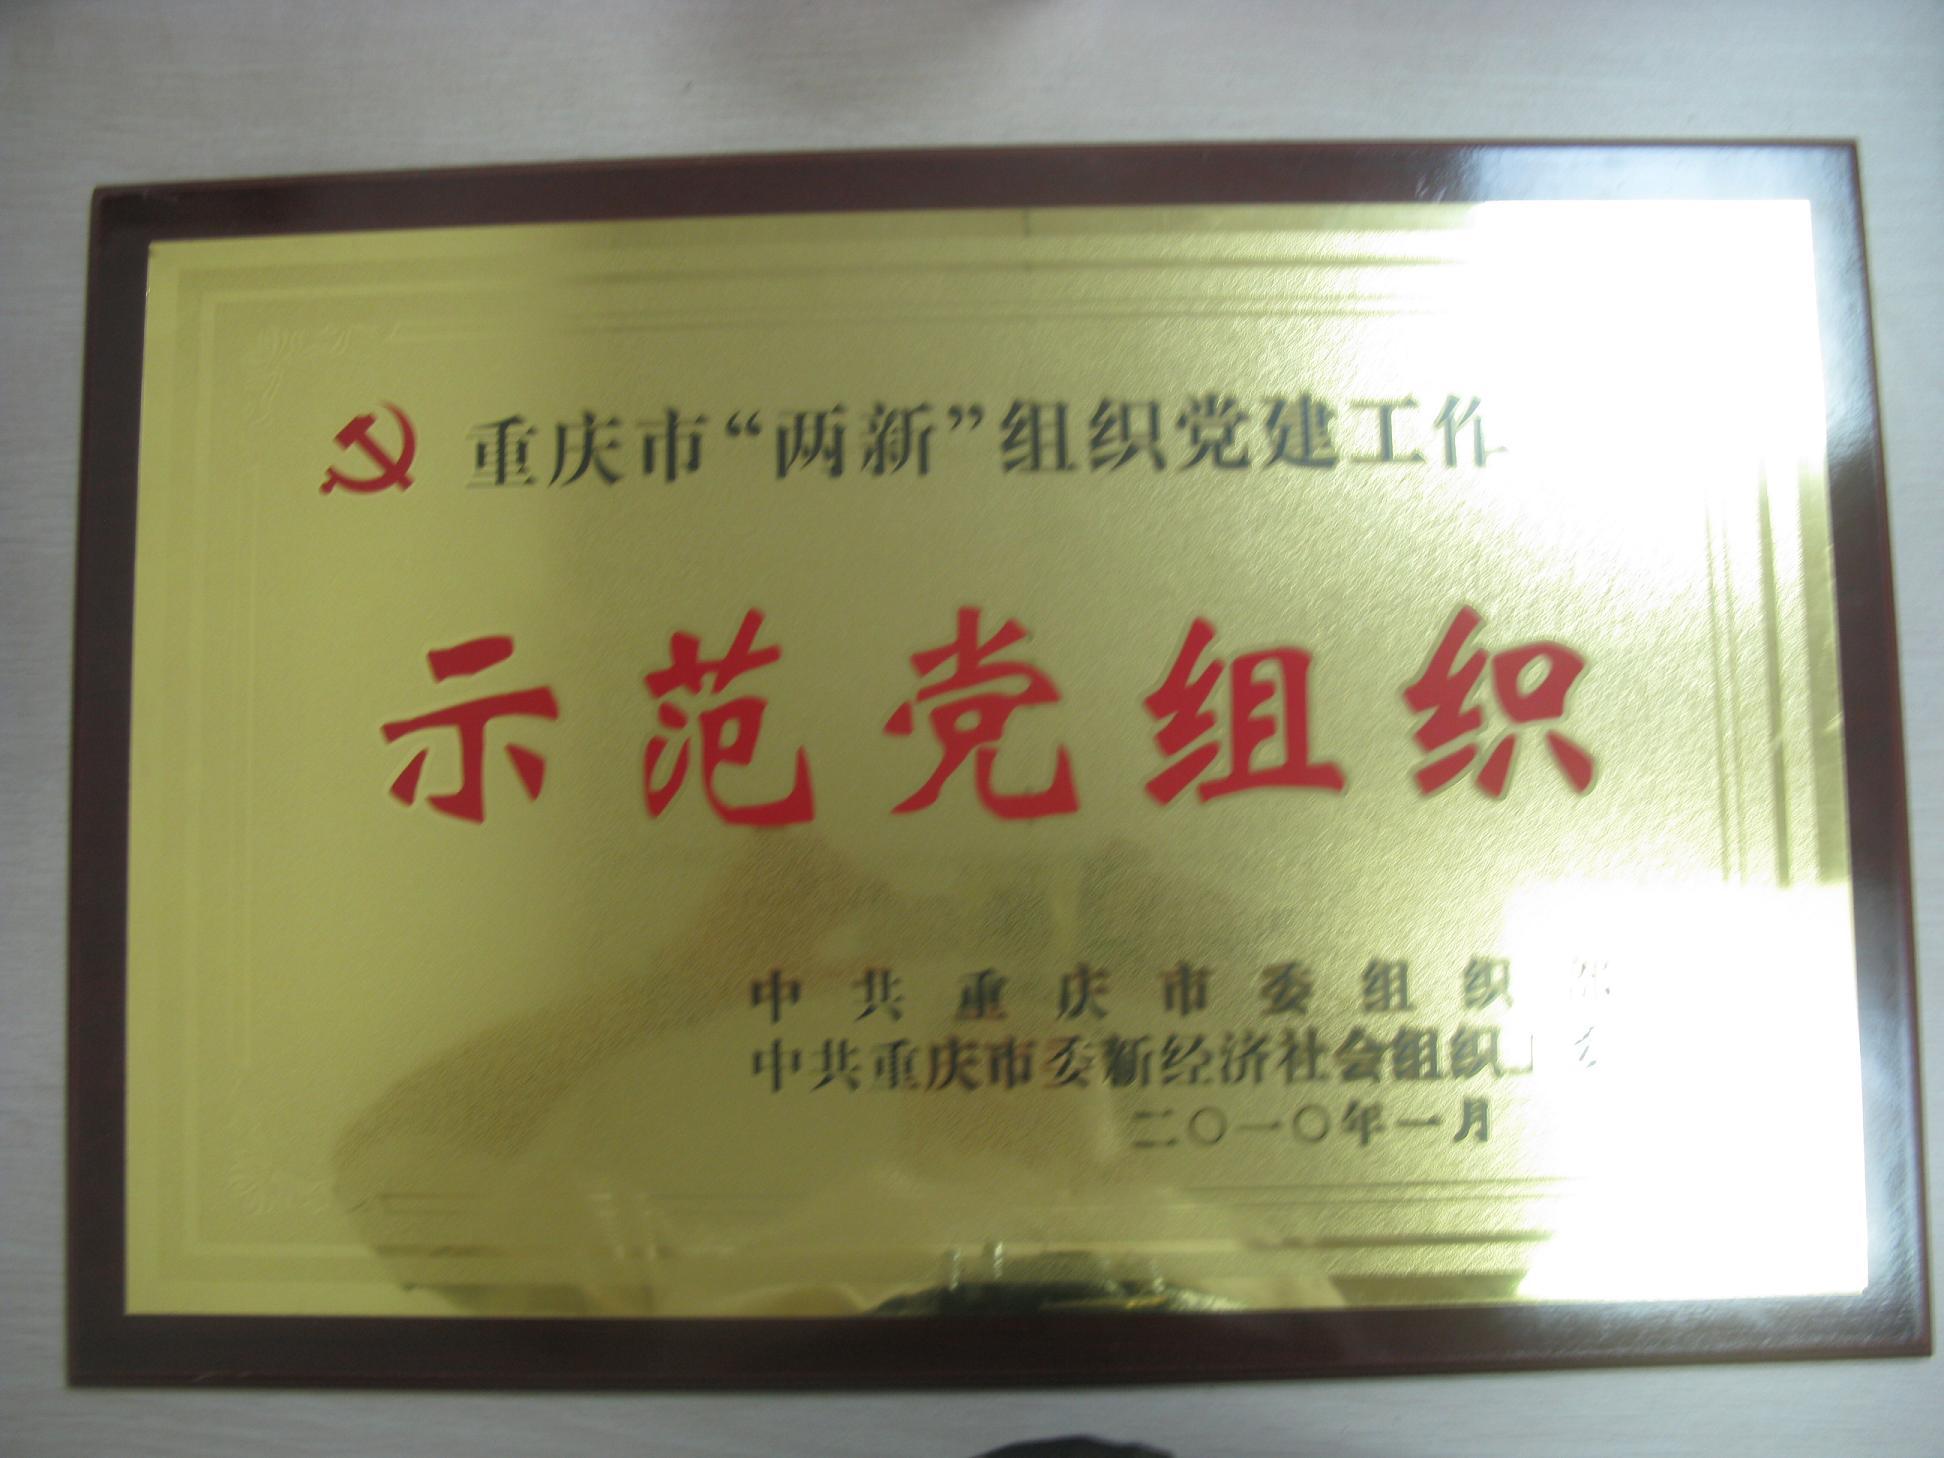 示范党组织-重庆爱尔眼科医院